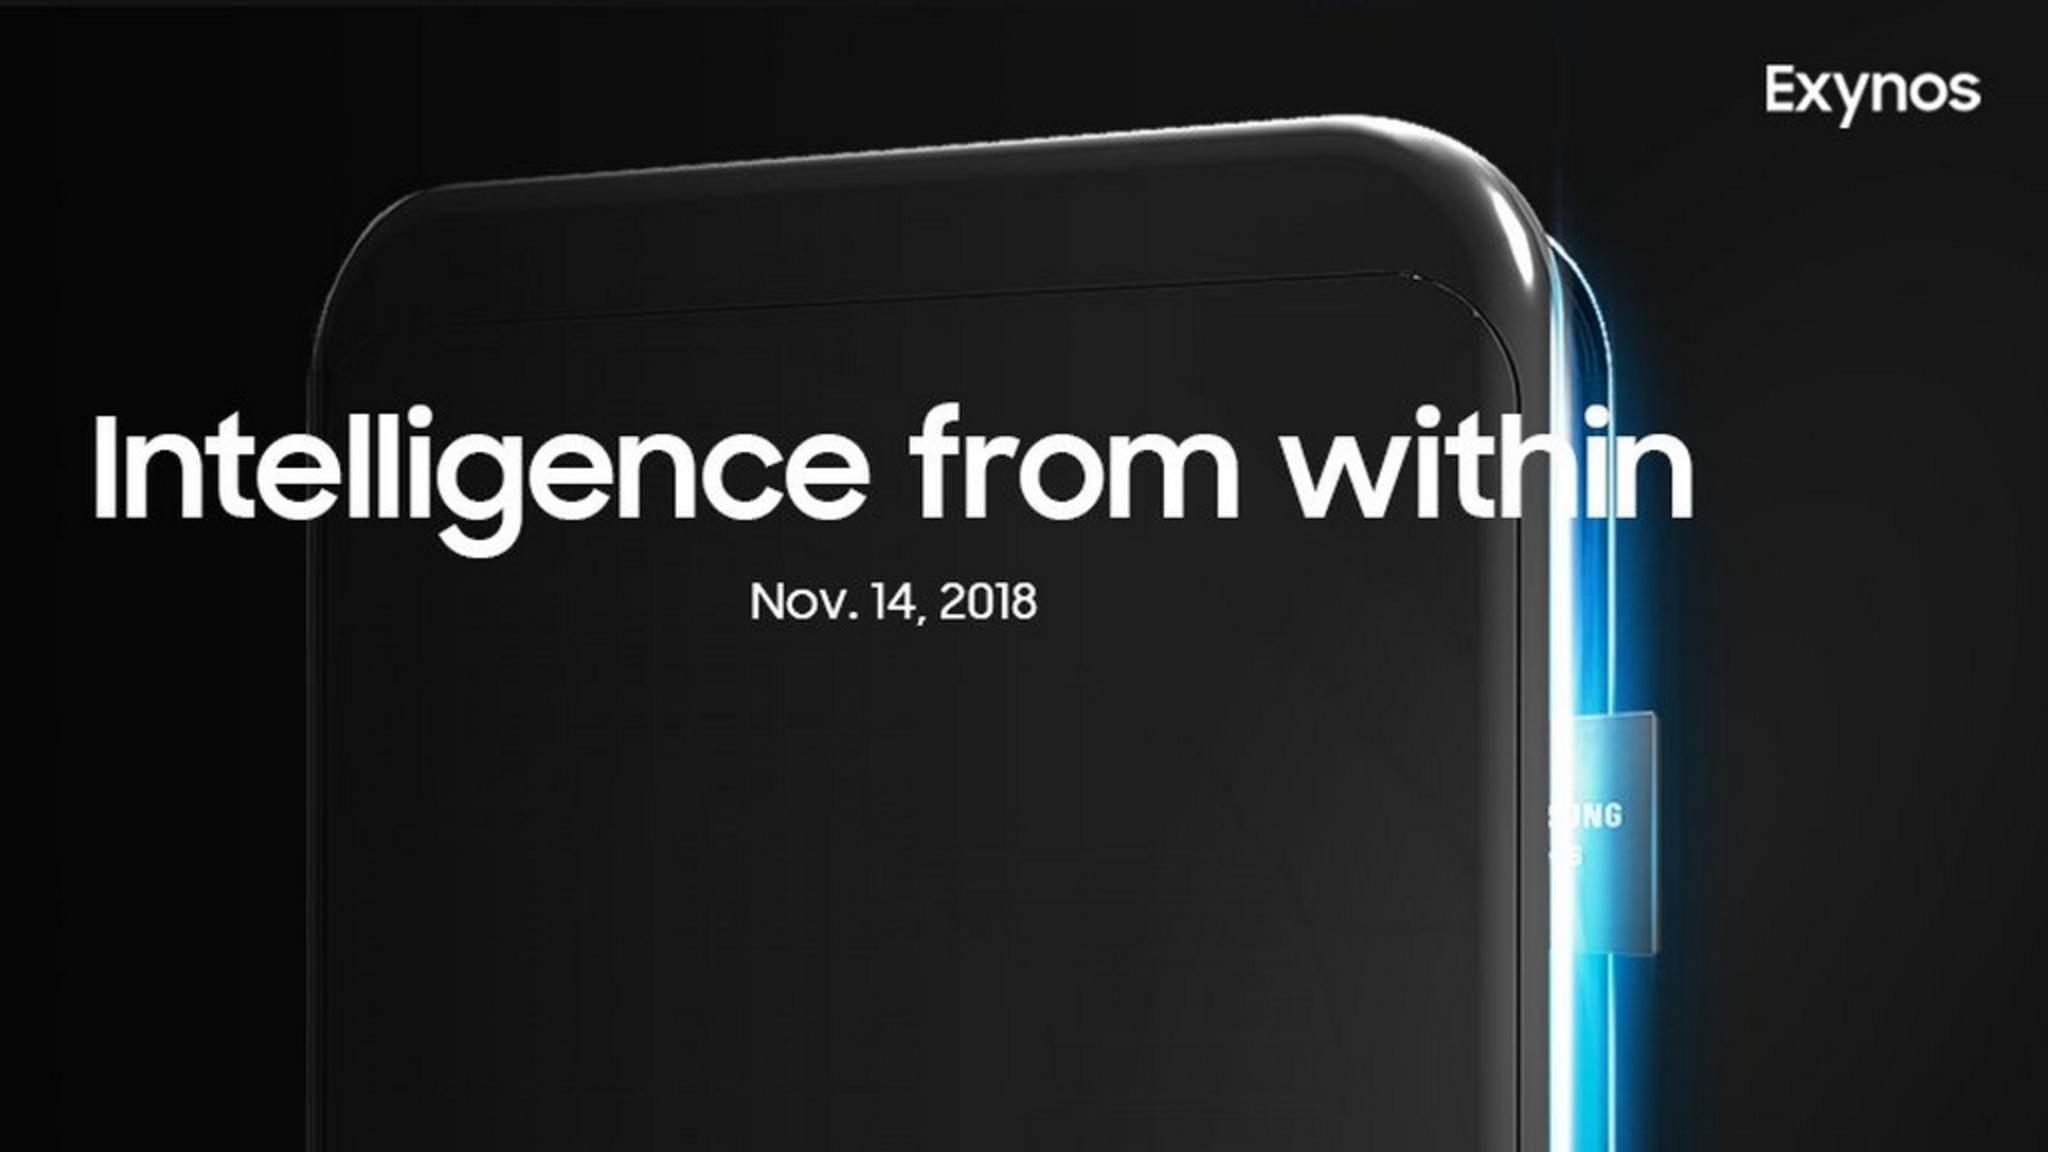 Der Prozessor für das Galaxy S10 soll mit Künstlicher Intelligenz aufwarten.